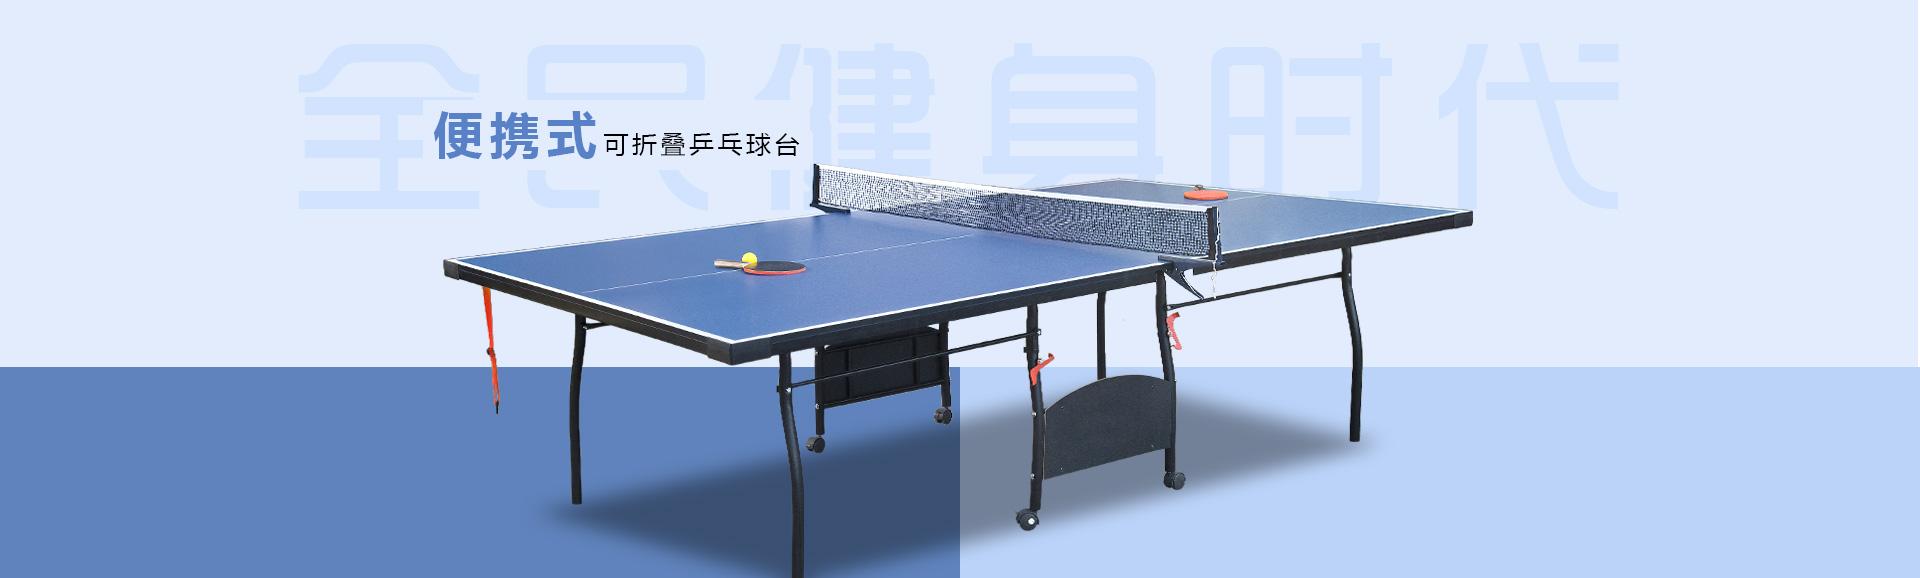 可移动折叠乒乓球台